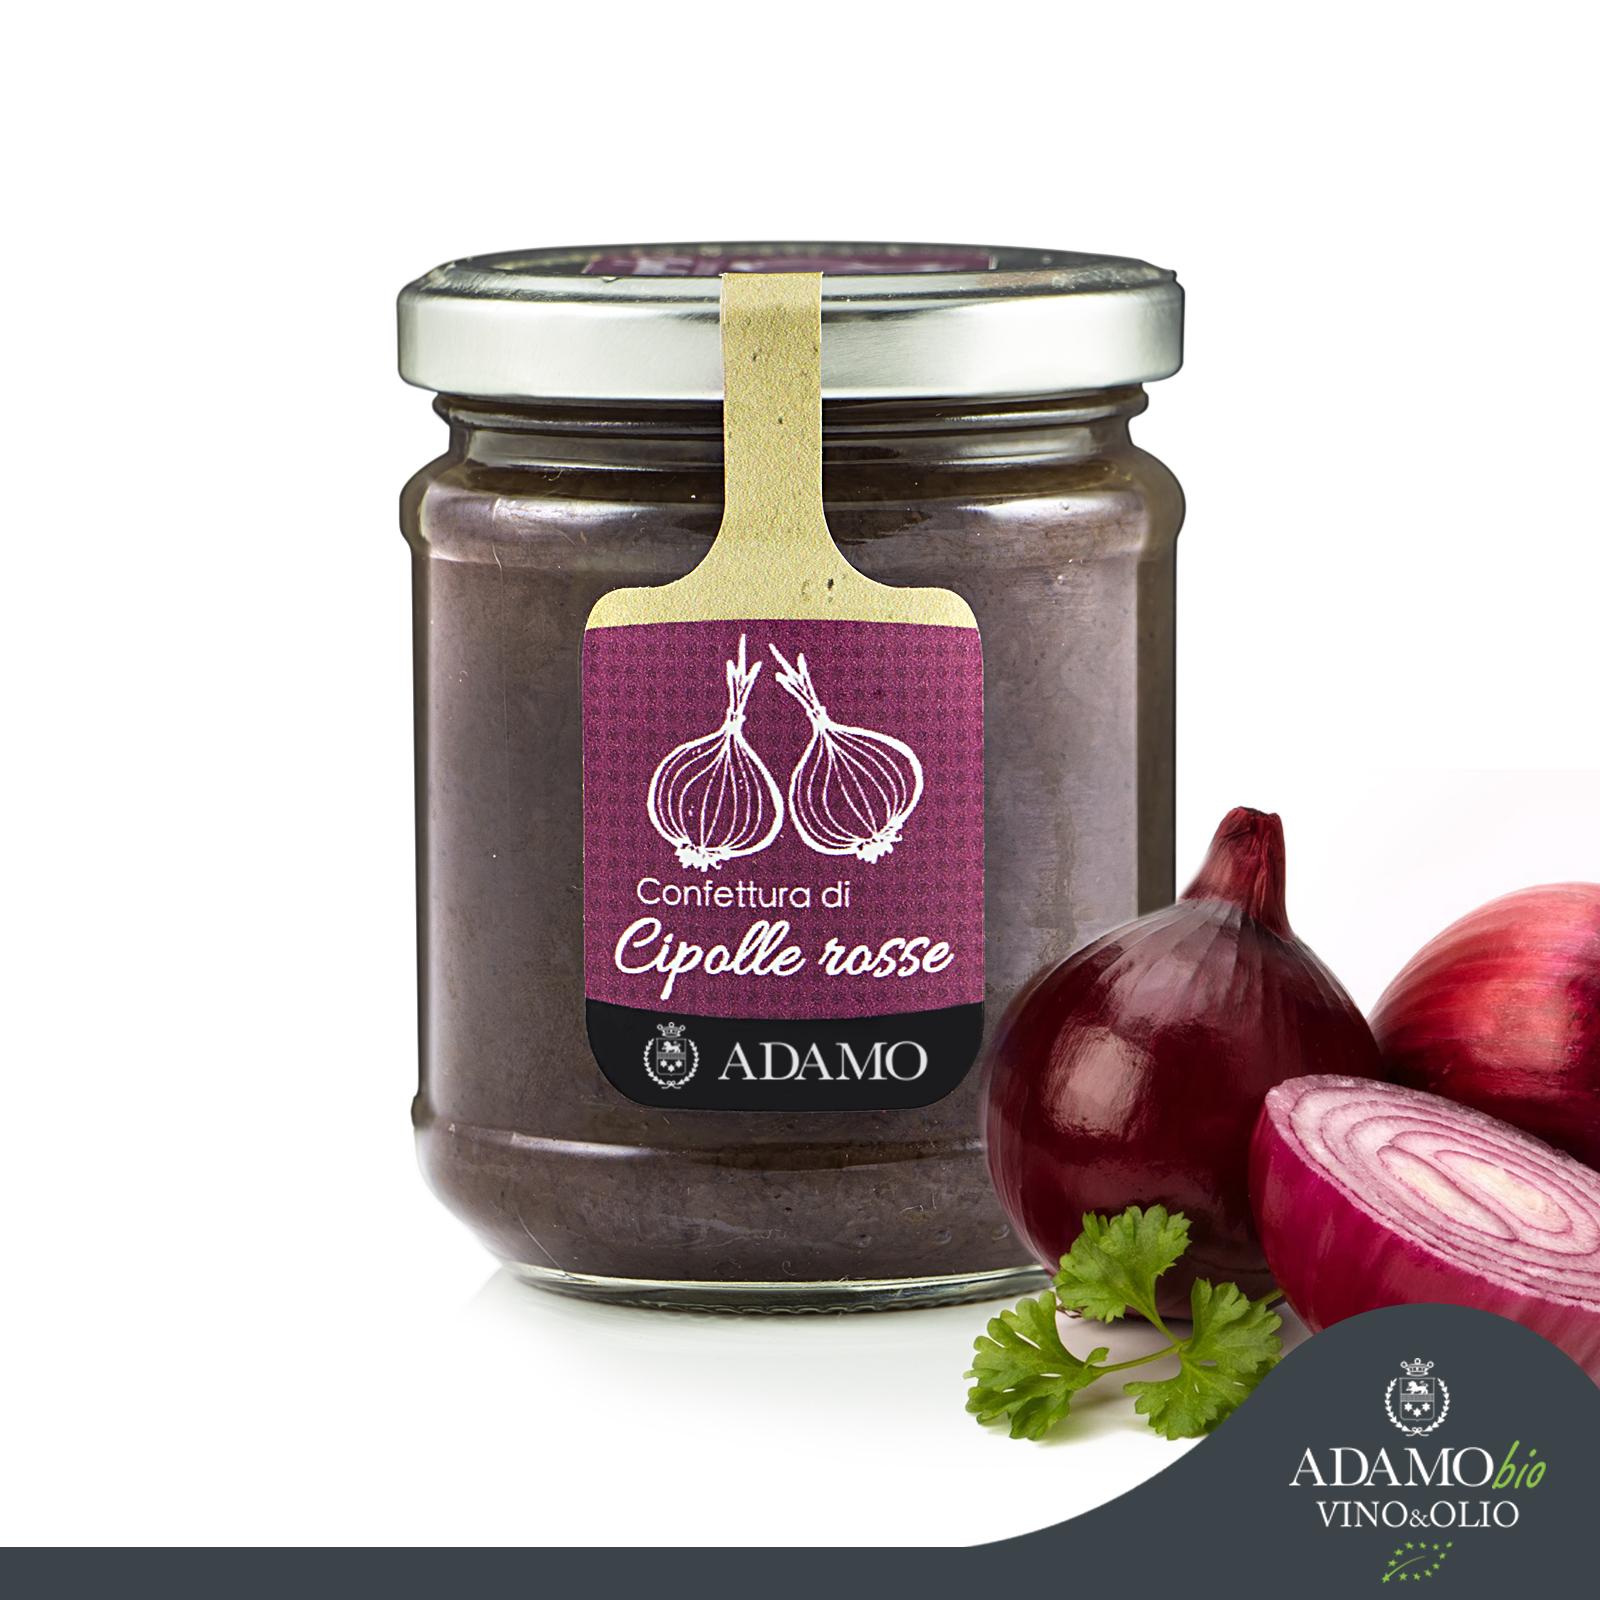 Red onions jam - Azienda Agricola Biologica Adamo